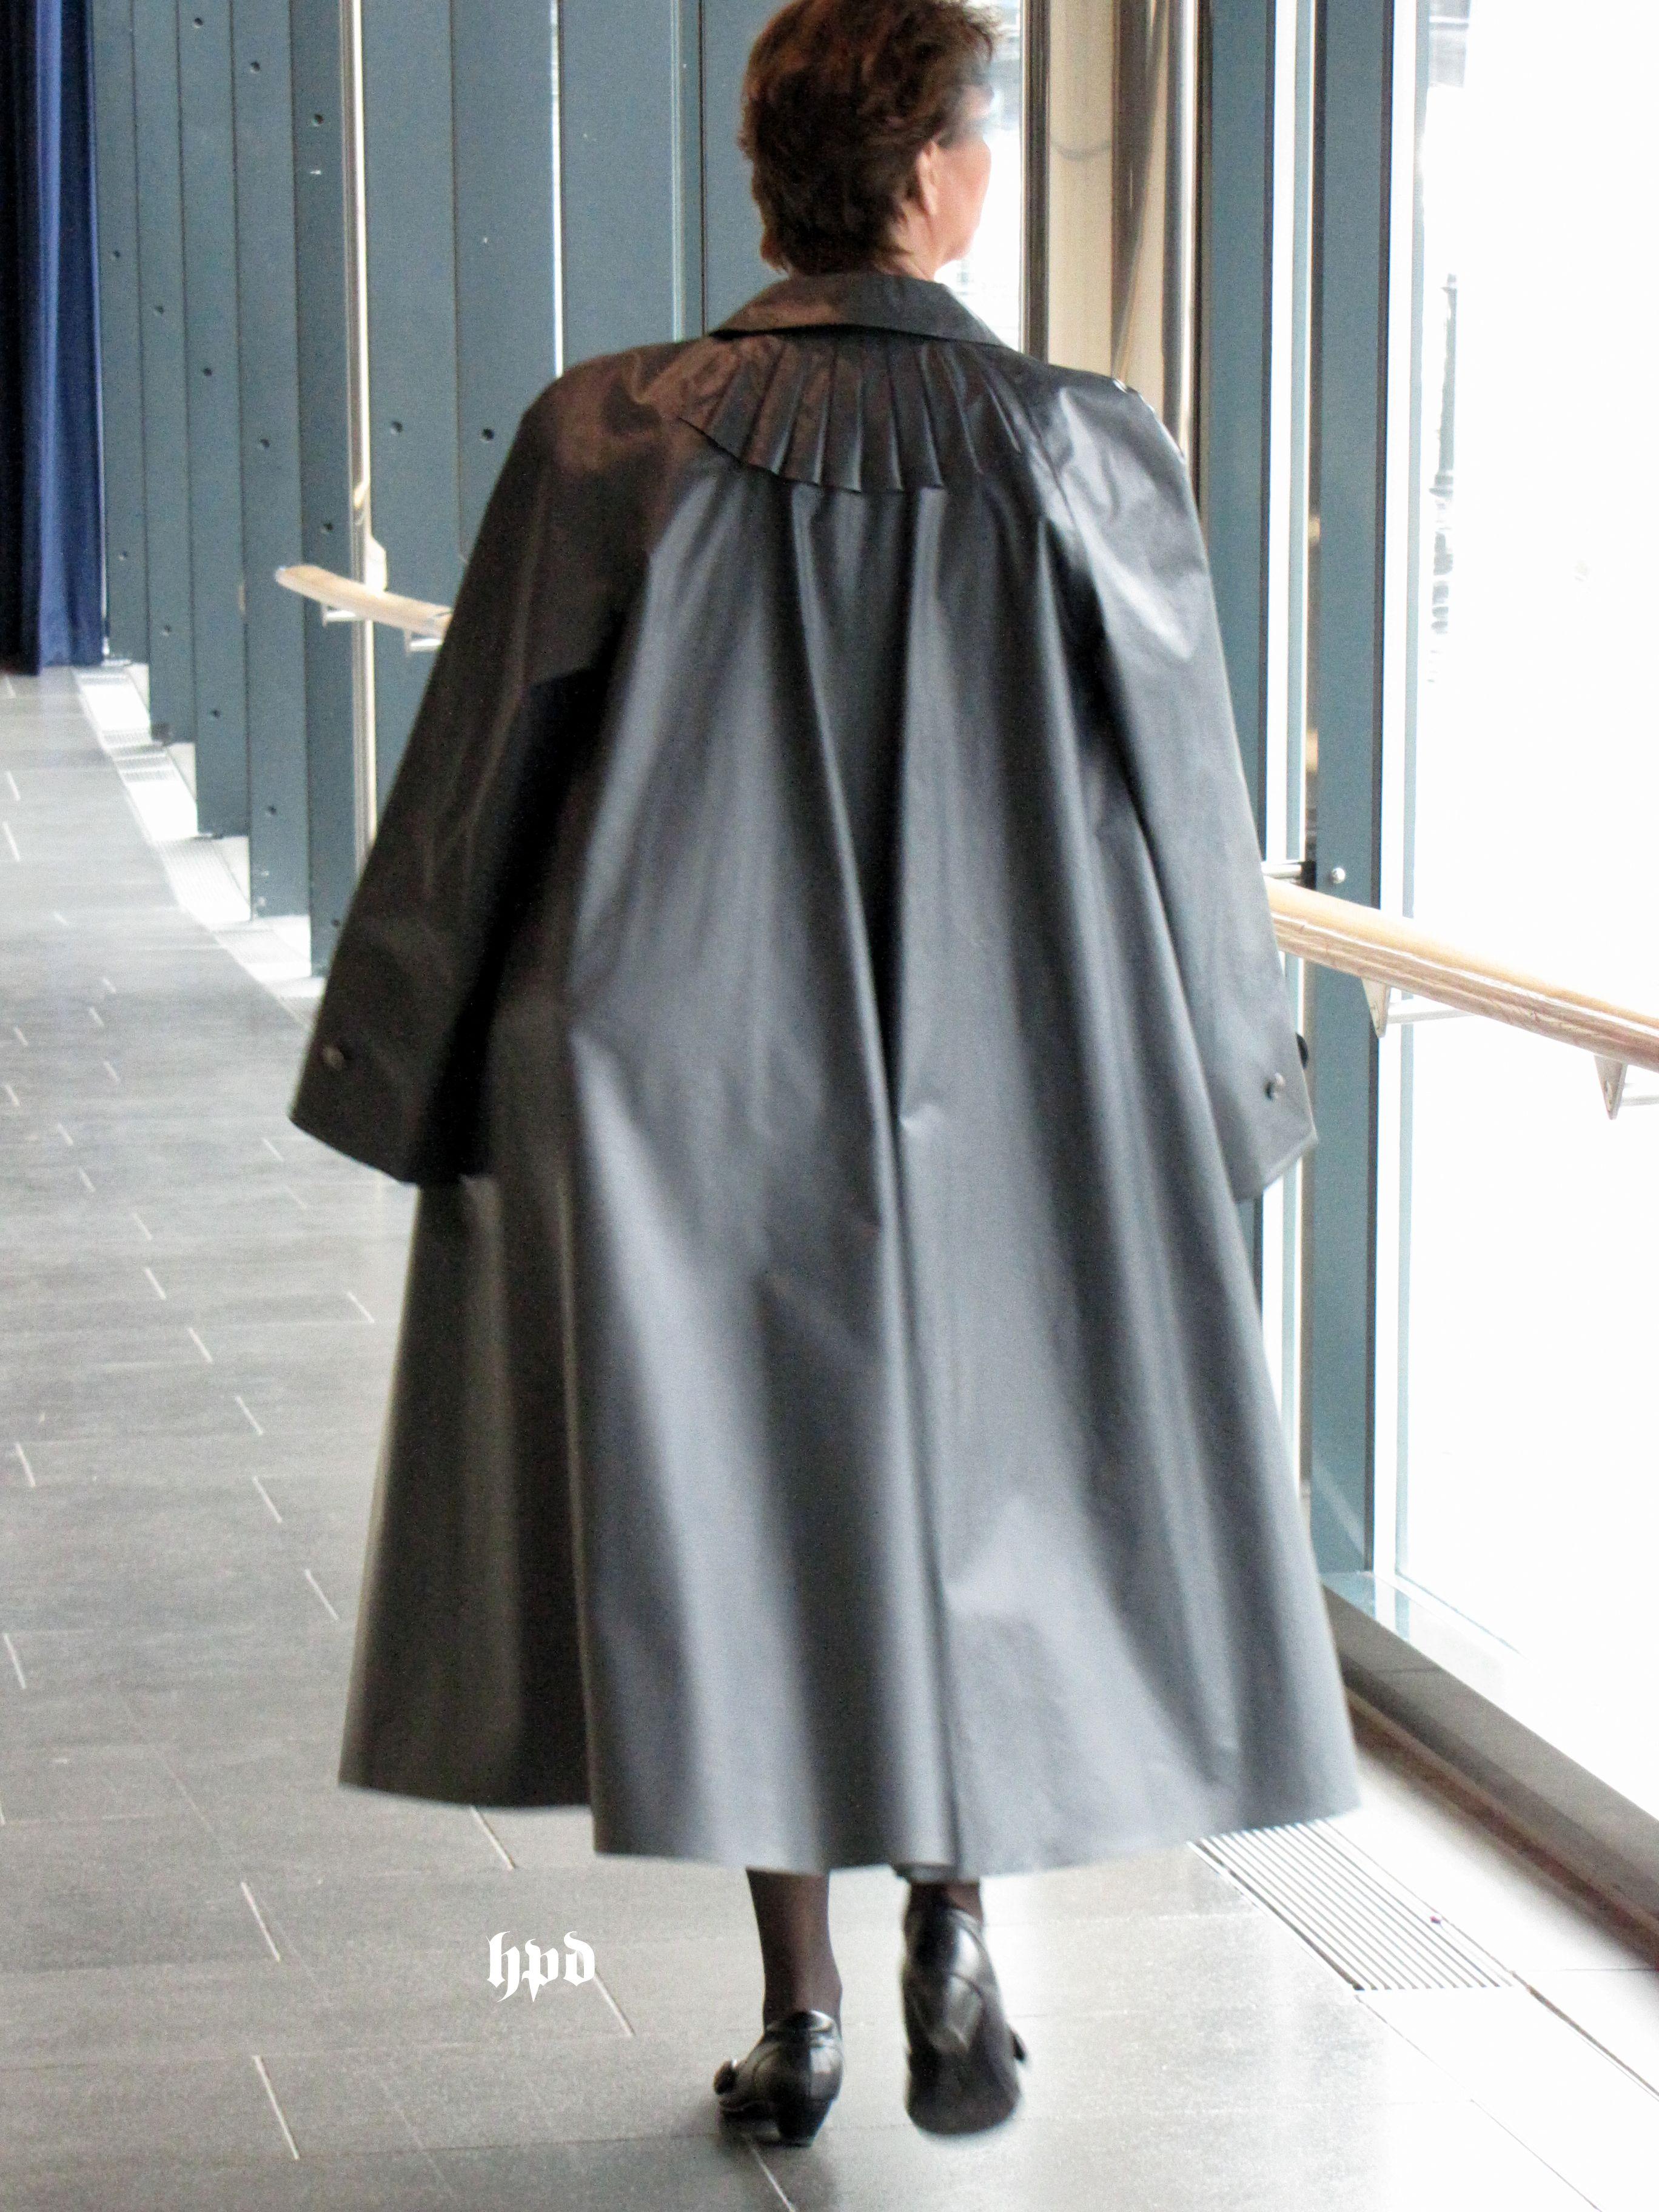 Geschichten kleppercape regenkleidung in